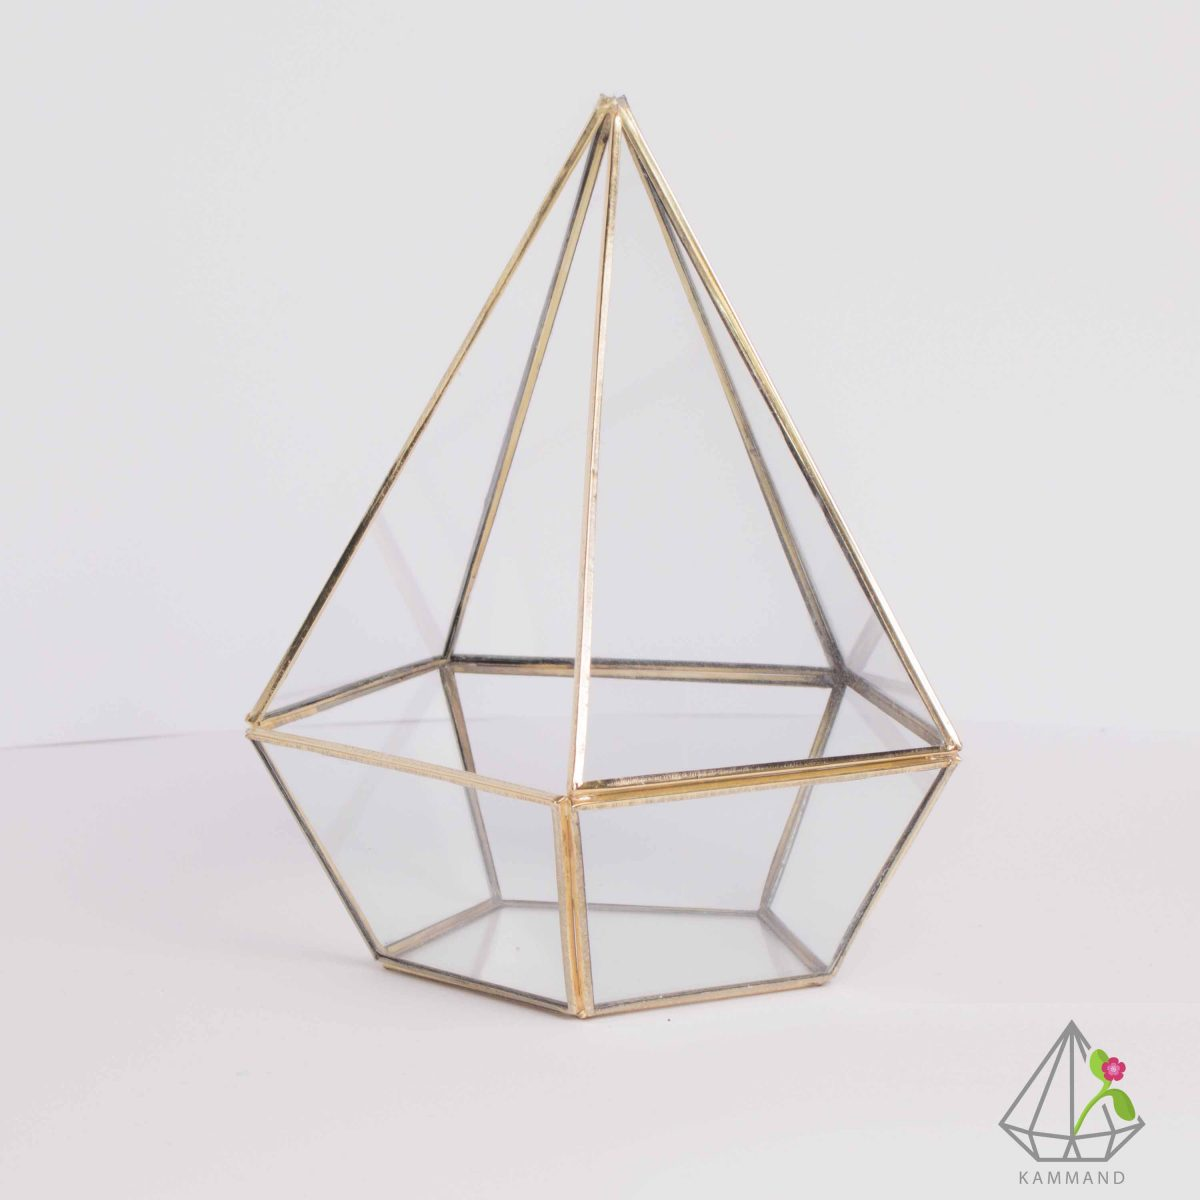 ظروف تراریوم، تراریوم چند وجهی ، تراریوم مخروطی ،گلدان شیشه ای، تراریوم، باغ شیشه ای ، فروشگاه اینترنتی کمند